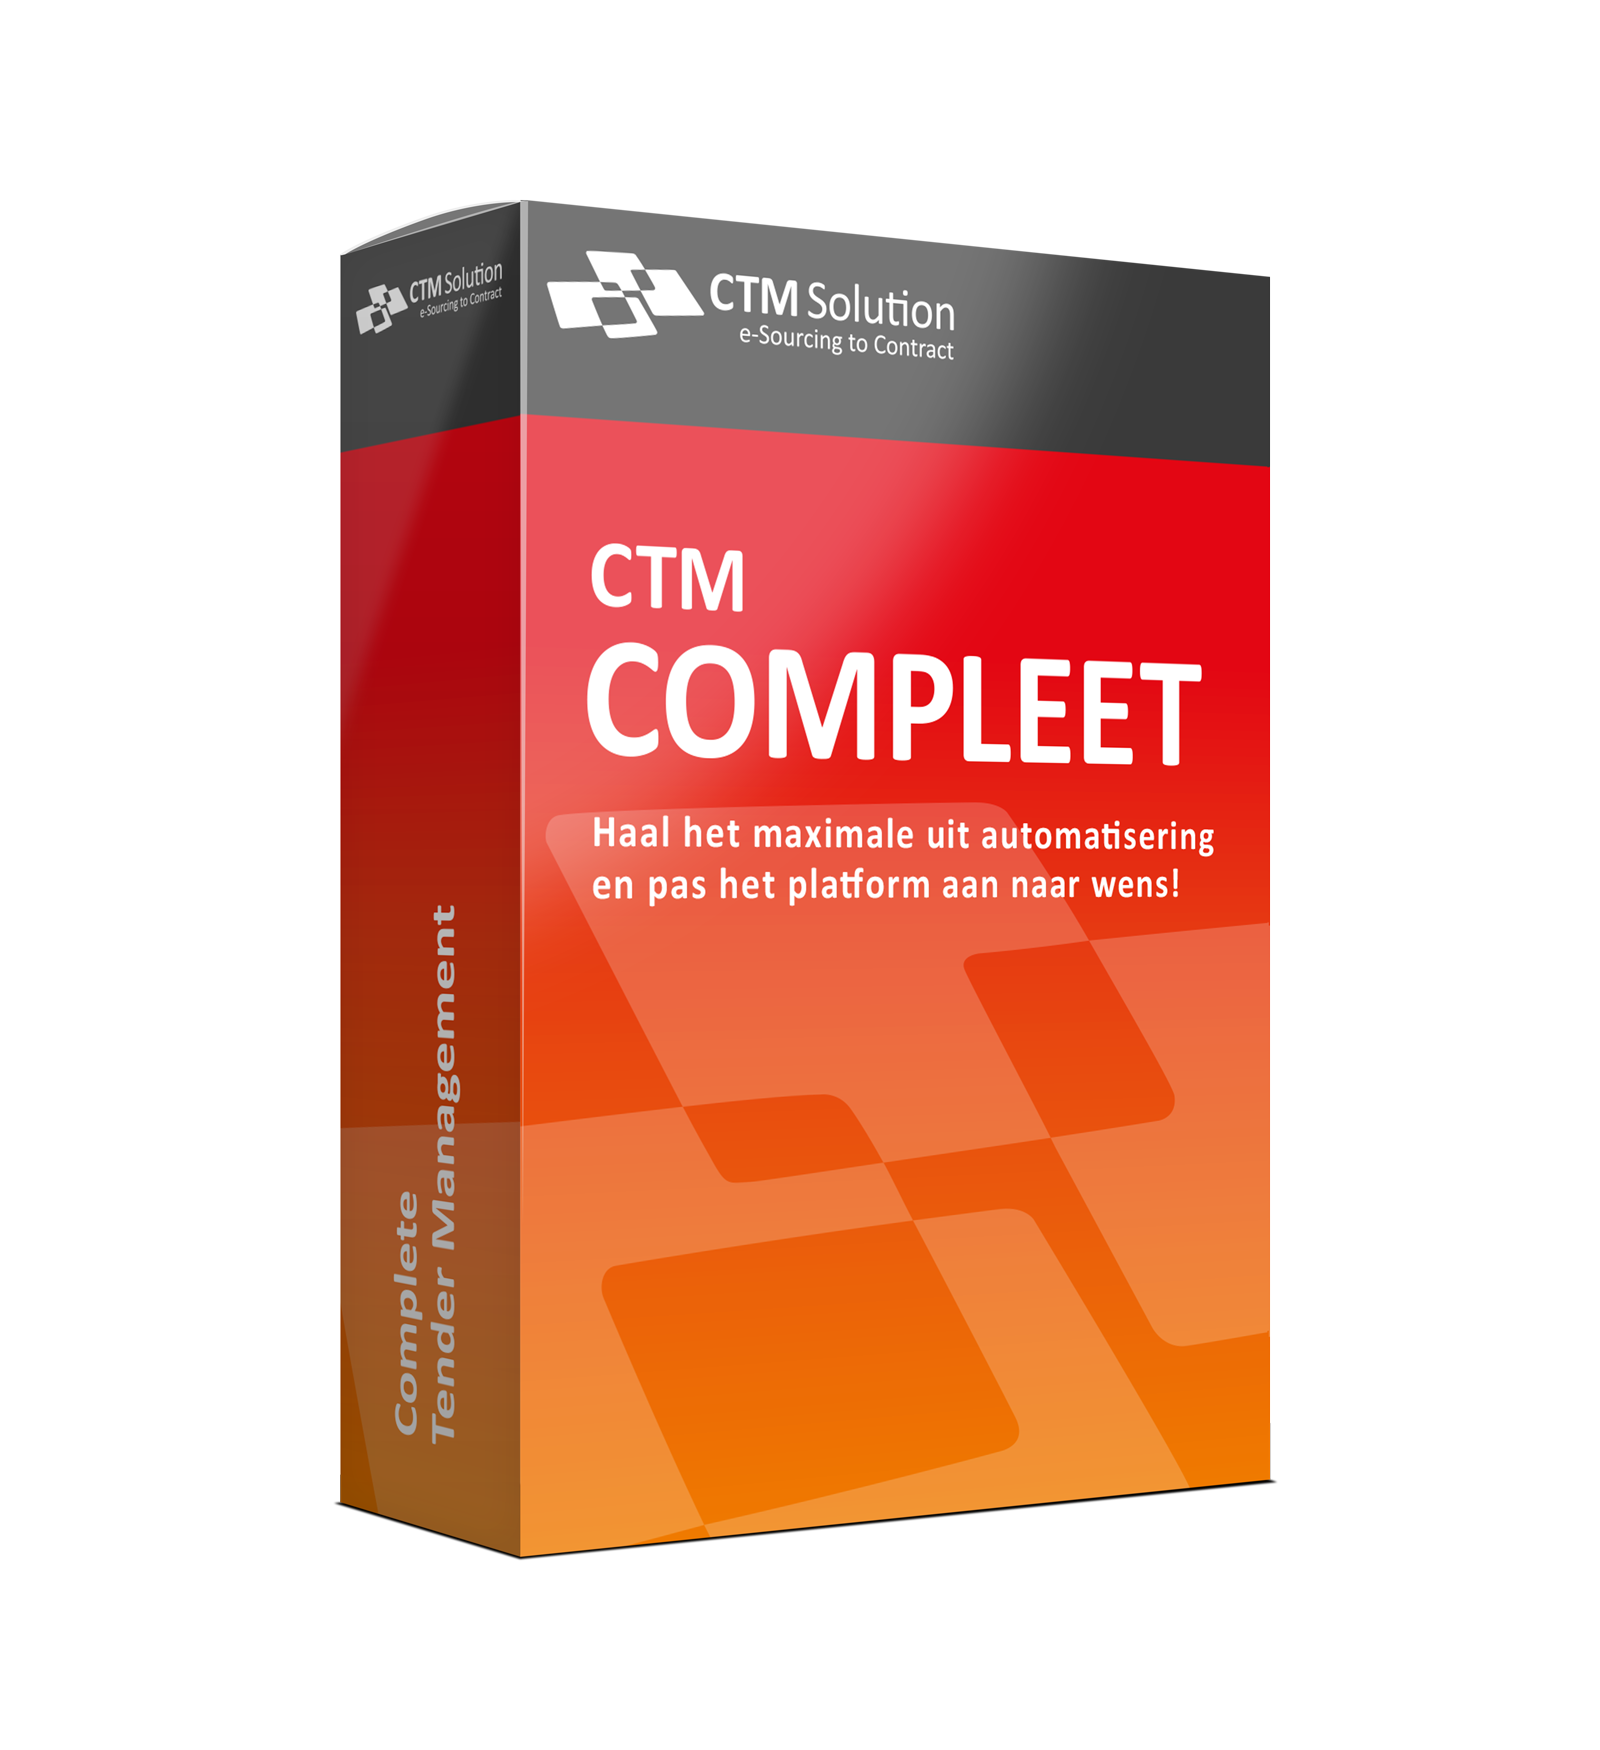 CTM_Compleet_pakket